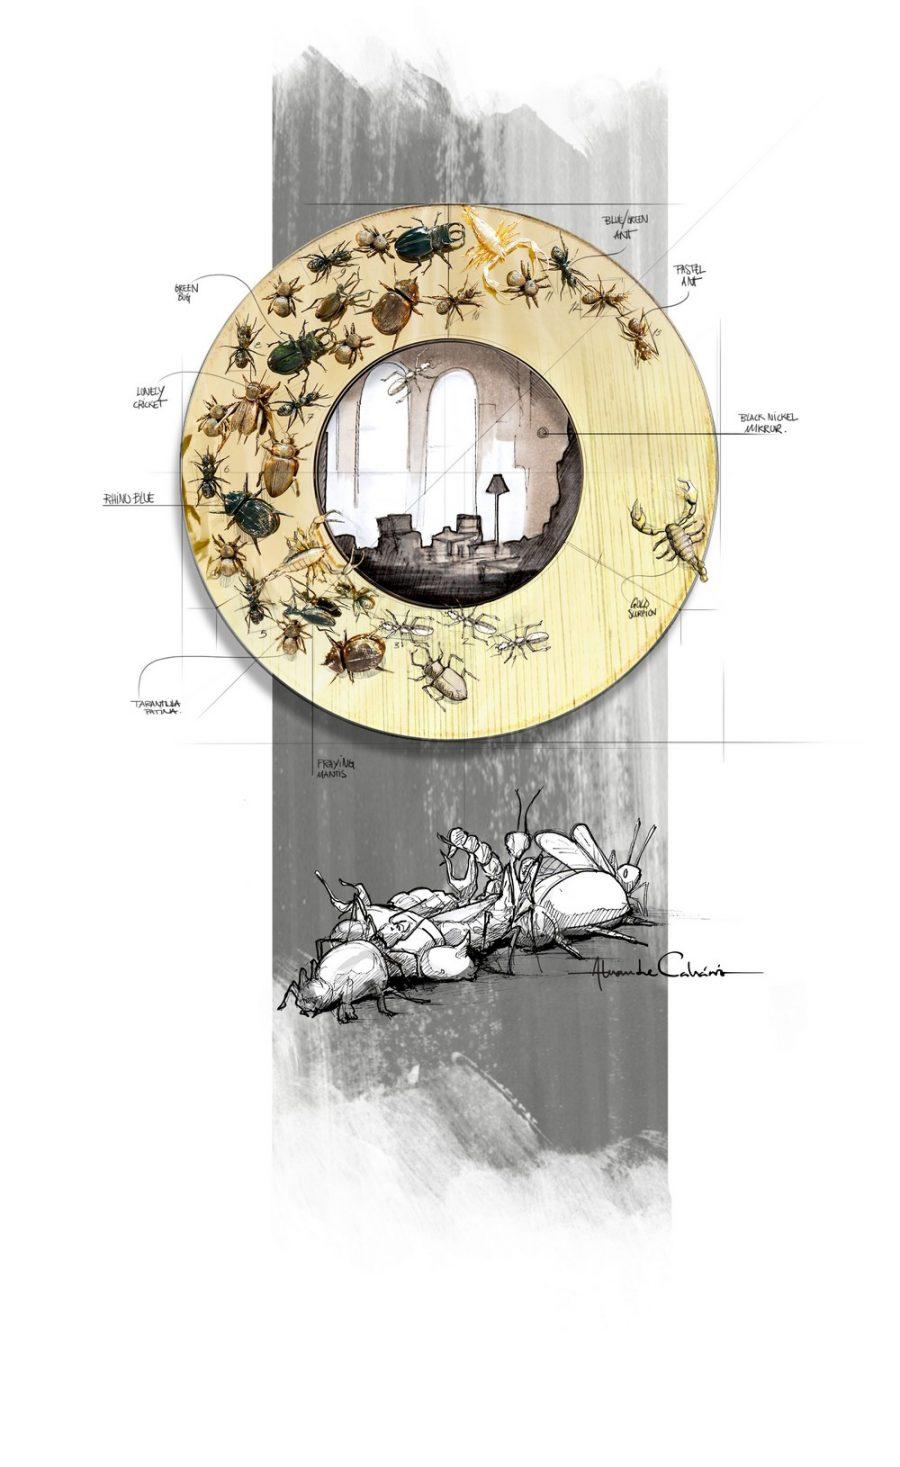 luxury furniture Luxury Furniture: Discover Metamorphosis Series Iconic Pieces metamorphosis mirror sketch 900x1467